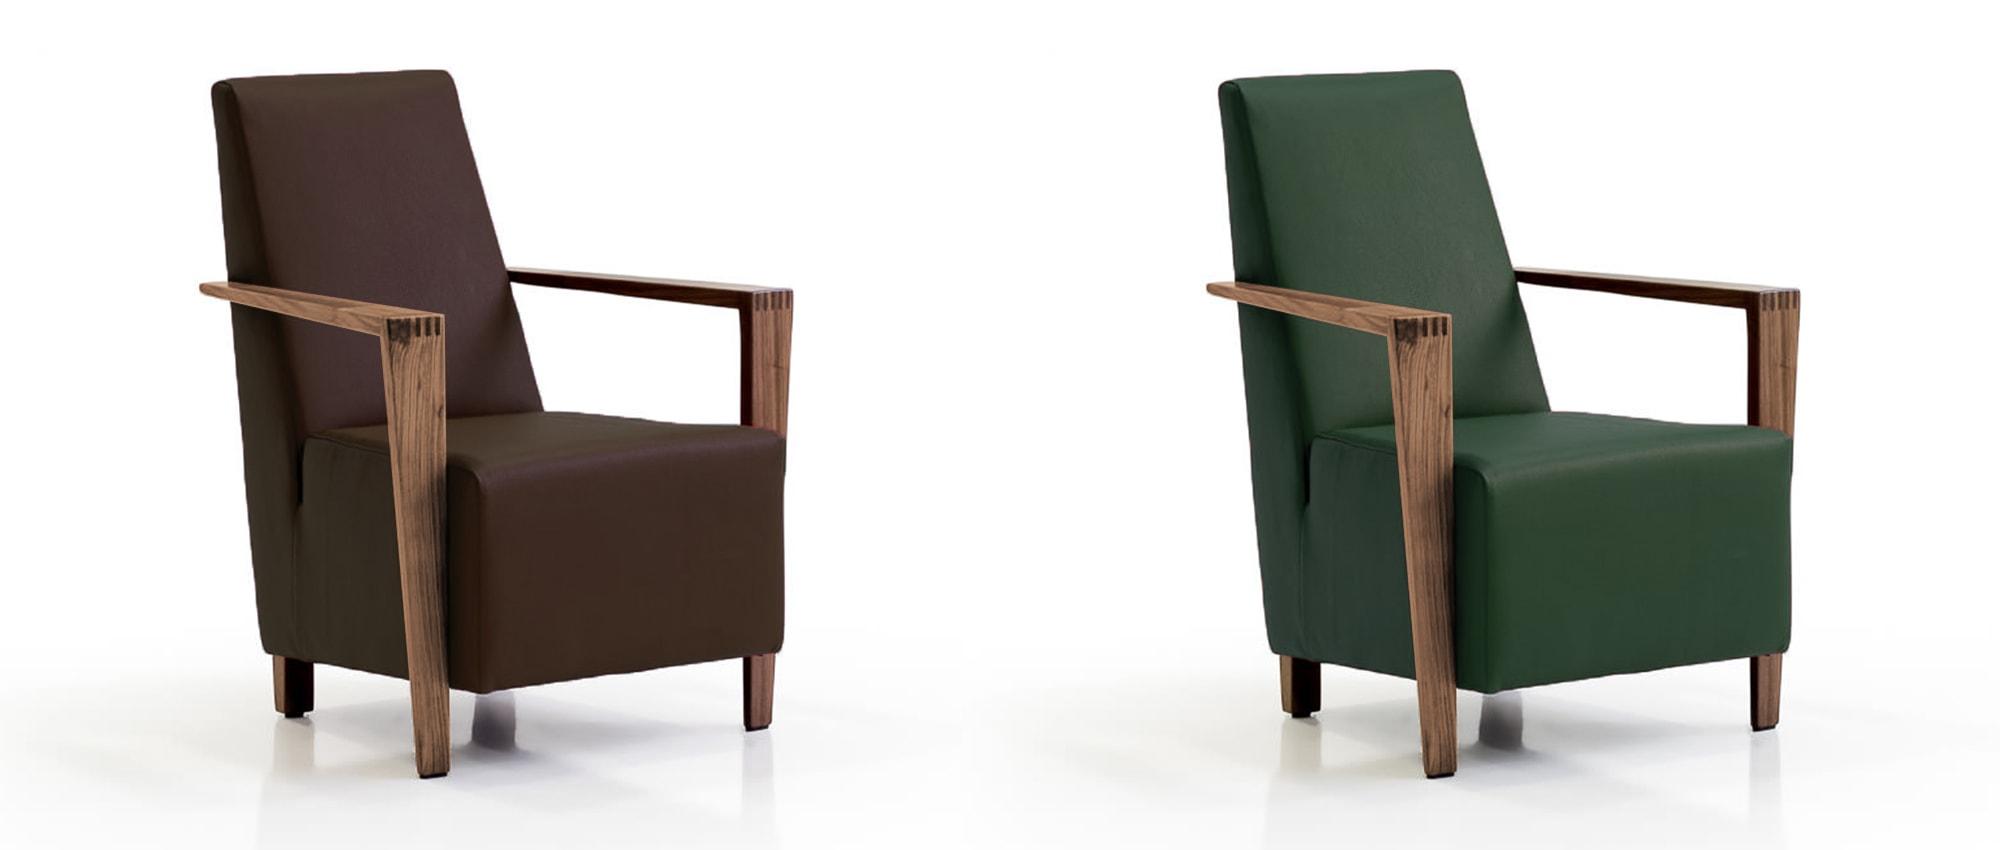 DRESDEN Sessel von Franz Fertig in Leder braun und grün mit Holzarmlehnen.